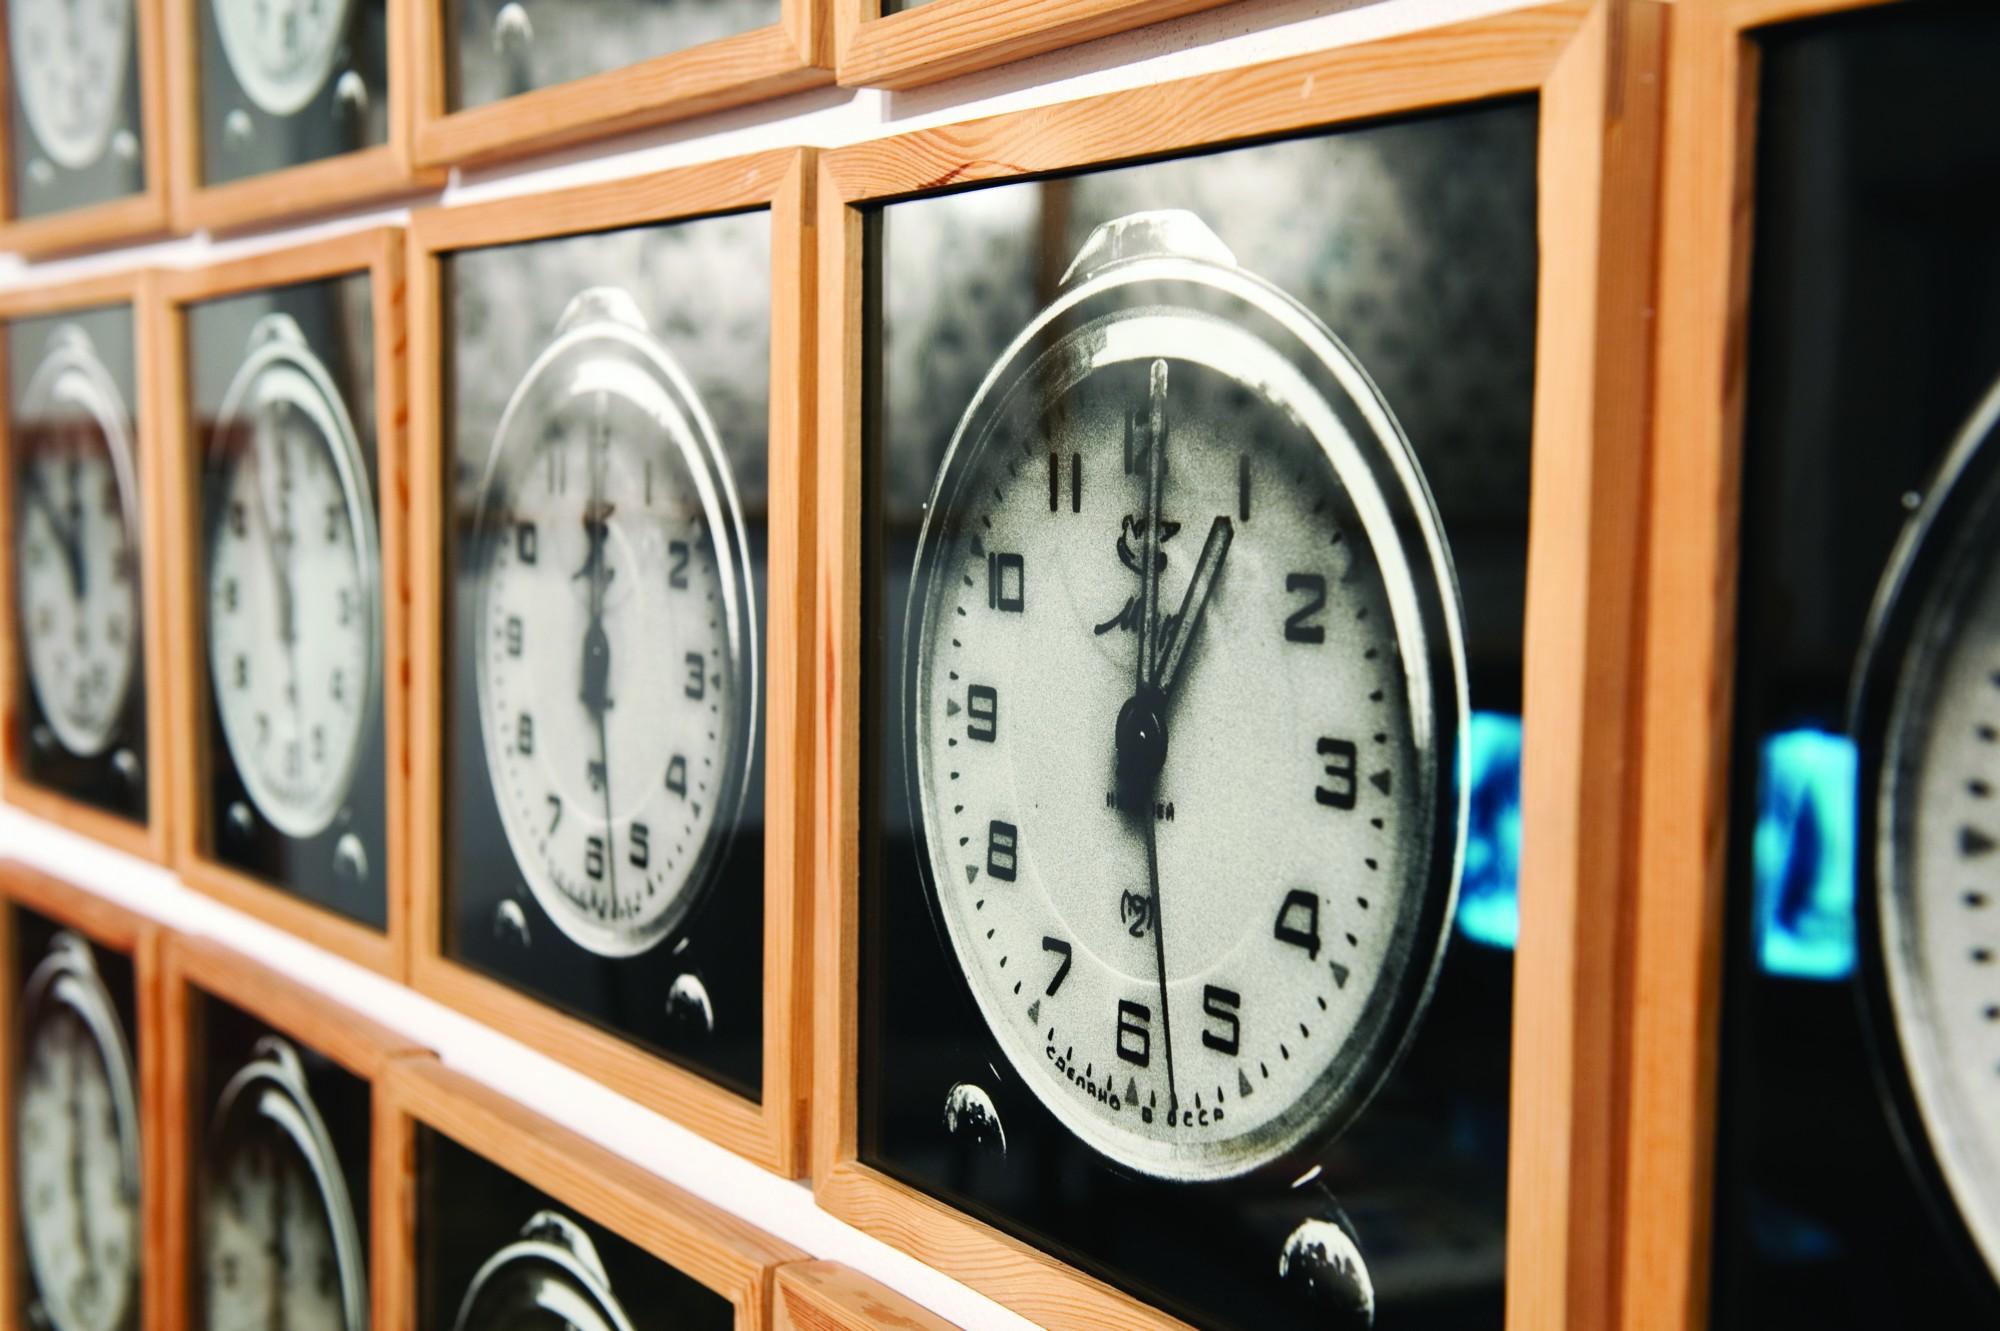 Natalia LL, Rejestracja permanentna — 24 godziny, 1970, fot. Małgorzata Kujda ⓒ Muzeum Współczesne Wrocław, Kolekcja Muzeum Narodowe we Wrocławiu (źródło: materiały prasowe organizatora)